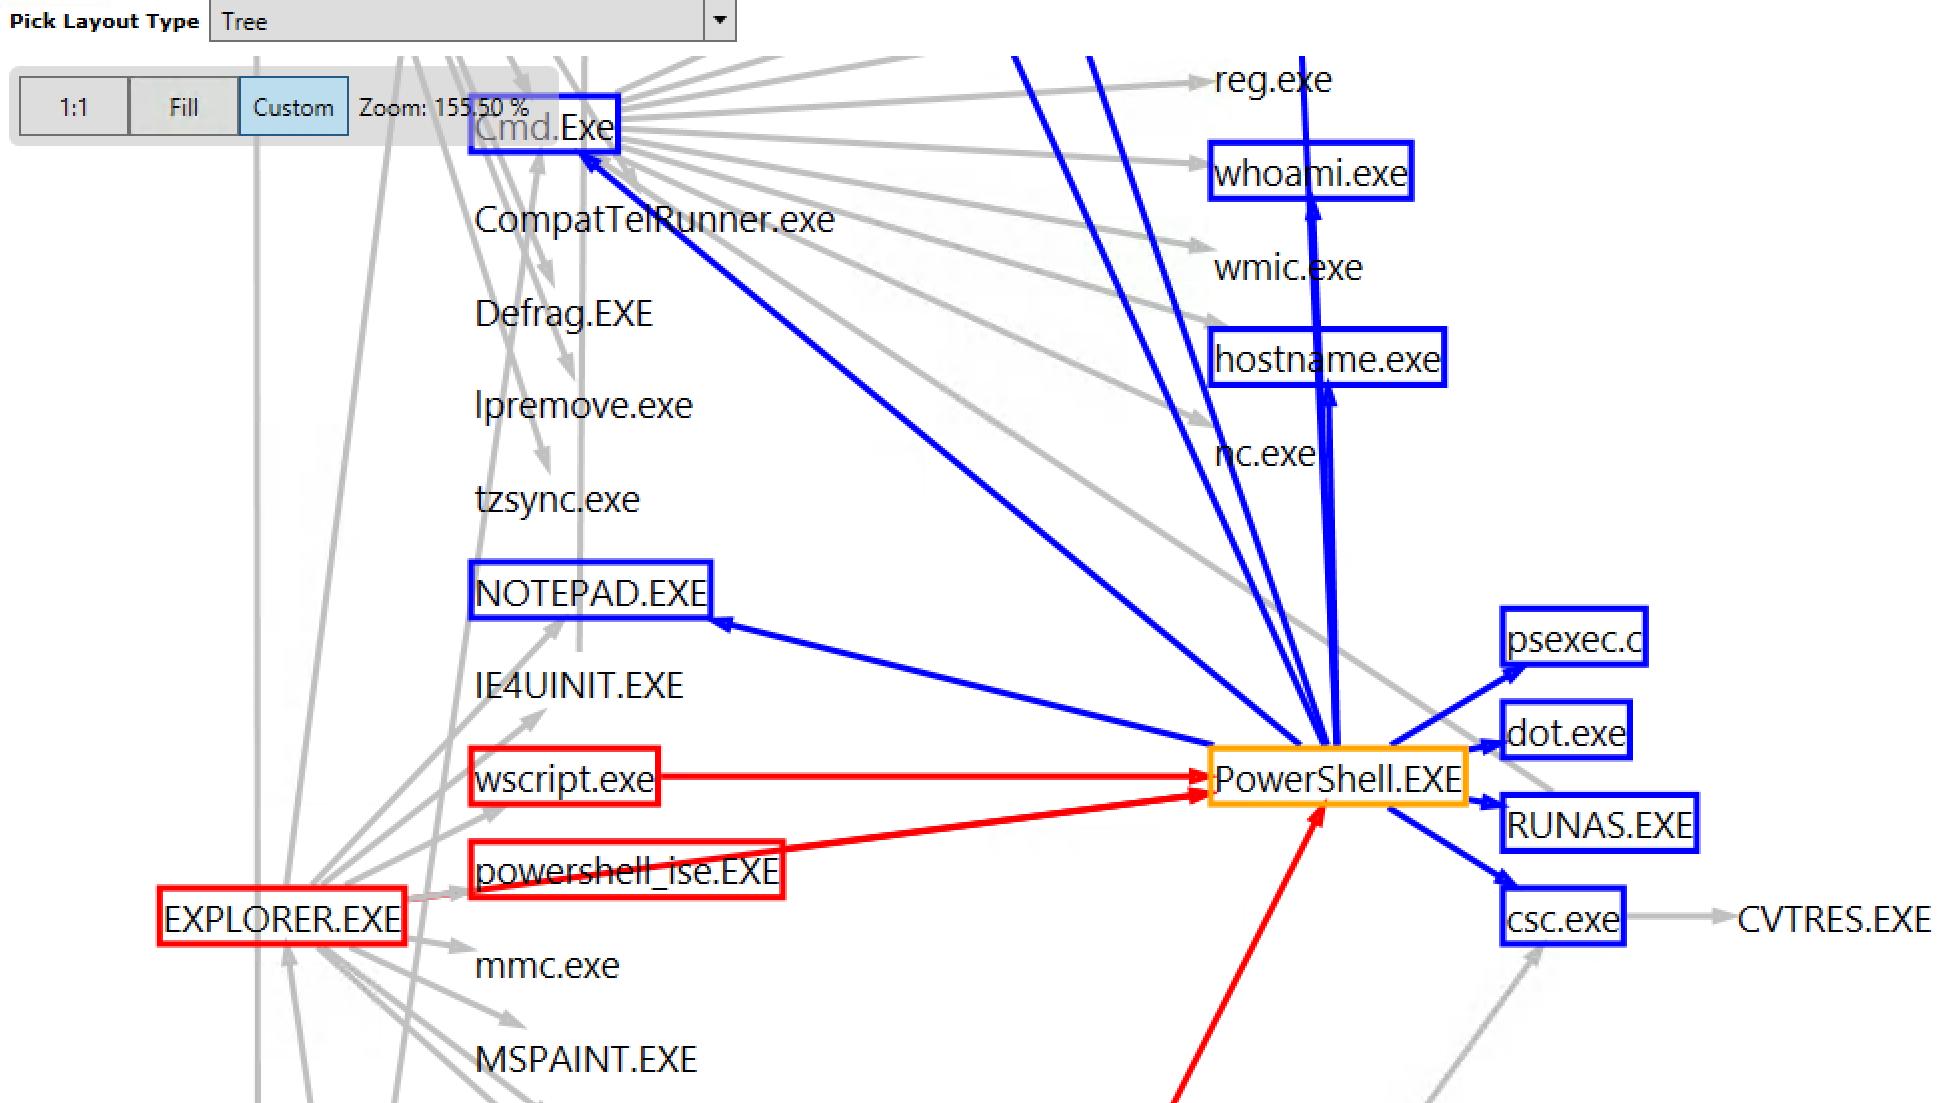 Можно рассматривать частоту пересечения каждого из рёбер графа уязвимостей как вероятность!